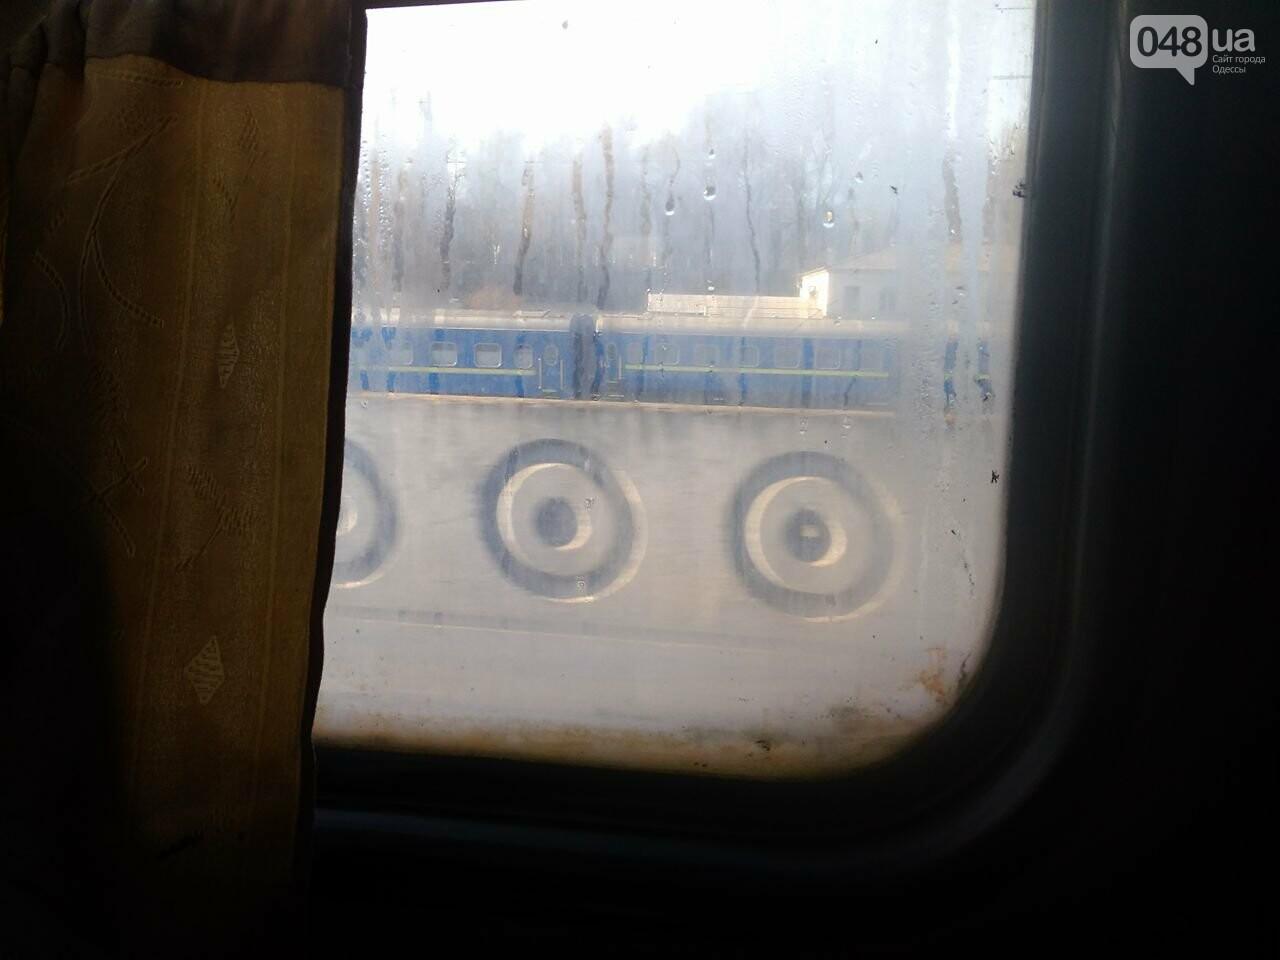 Одесситов возят в Днепр грязные и темные вагоны  (ФОТО) , фото-5